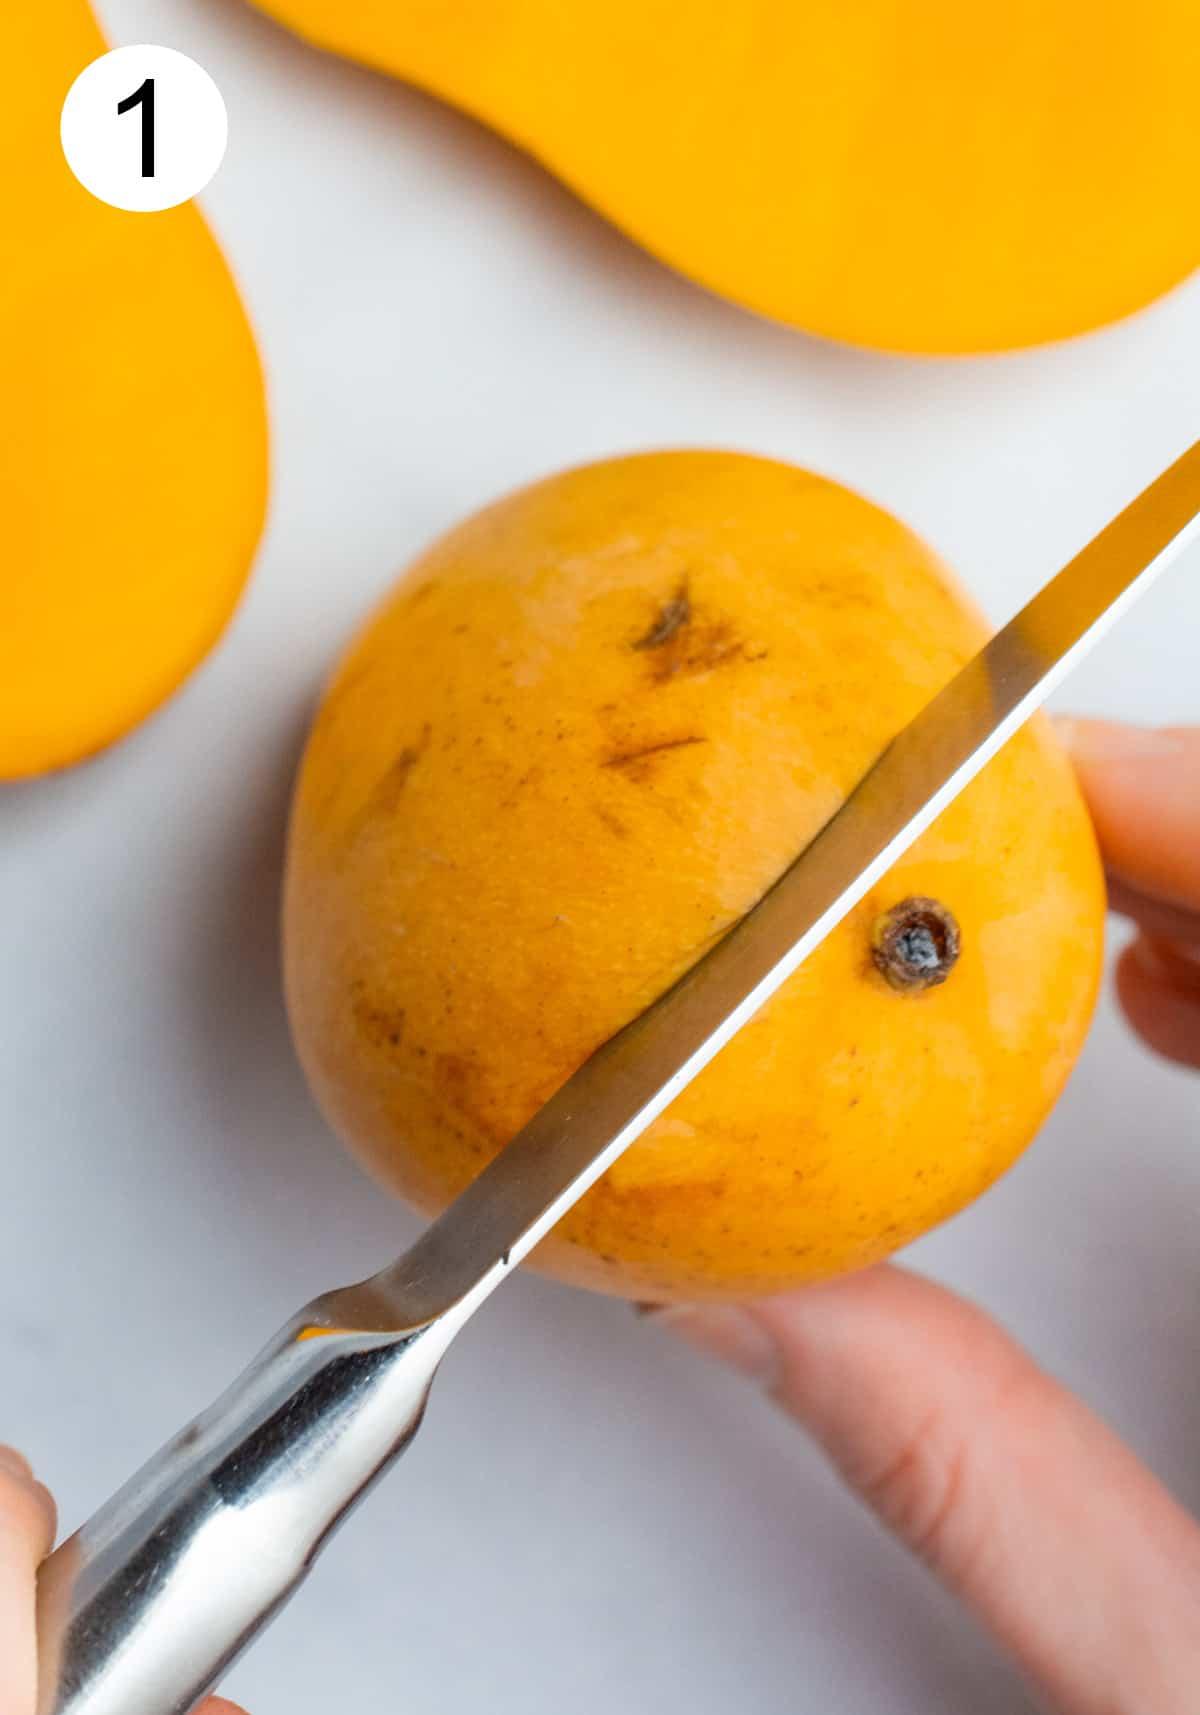 A knife cutting through one side of a honey mango.